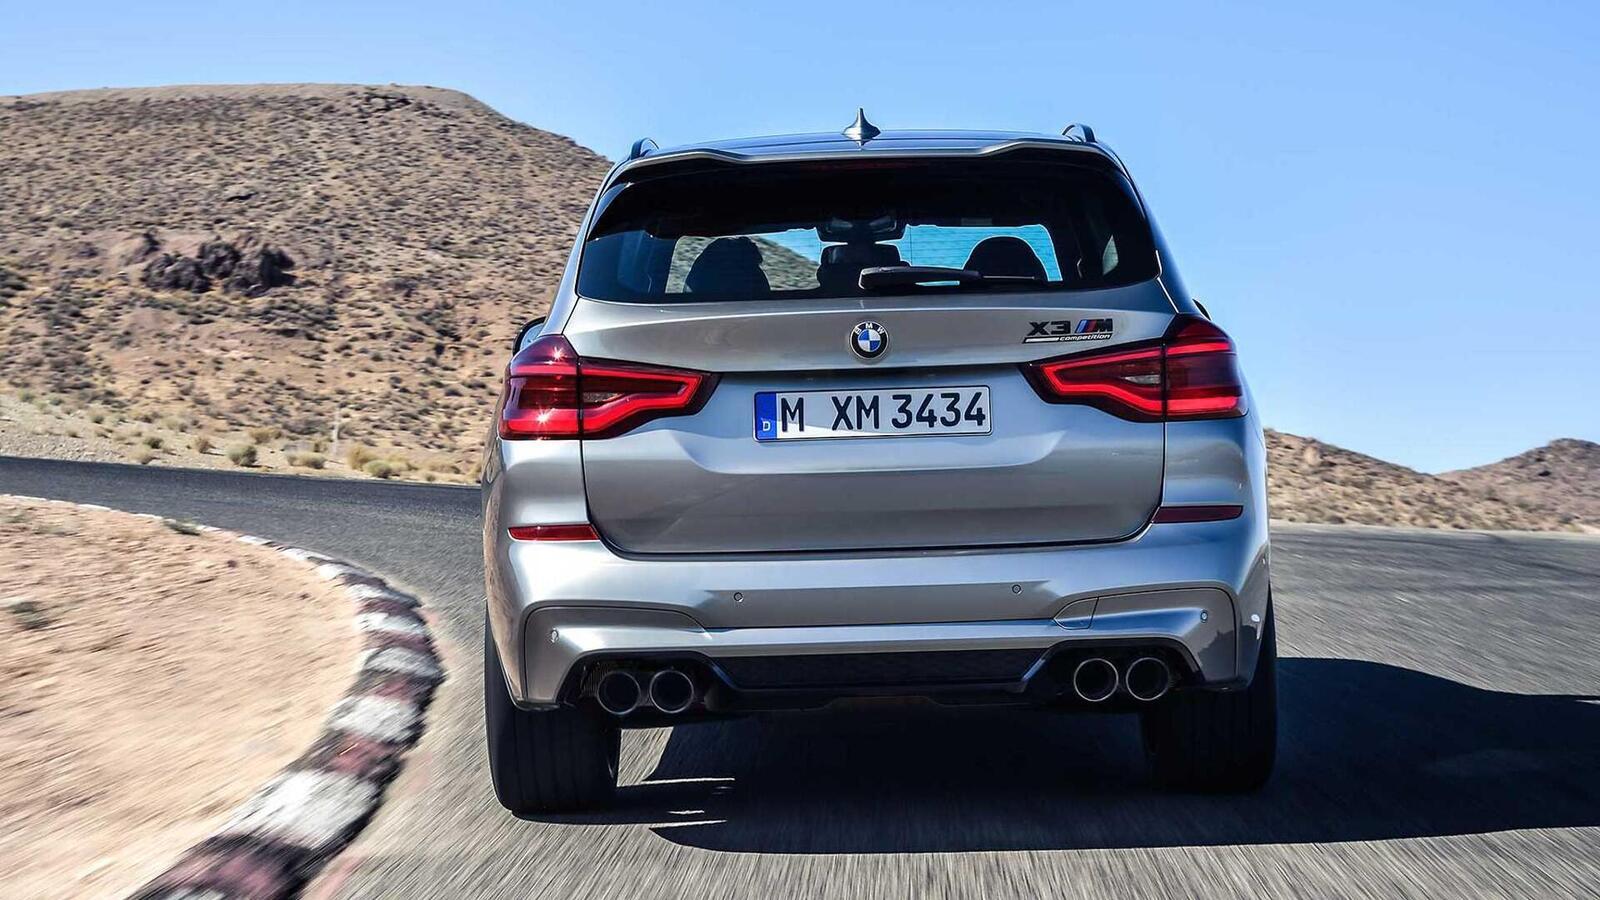 BMW X3 M và X4 M 2020 chính thức ra mắt: Mang trong mình sức mạnh từ 473 - 503 mã lực - Hình 17